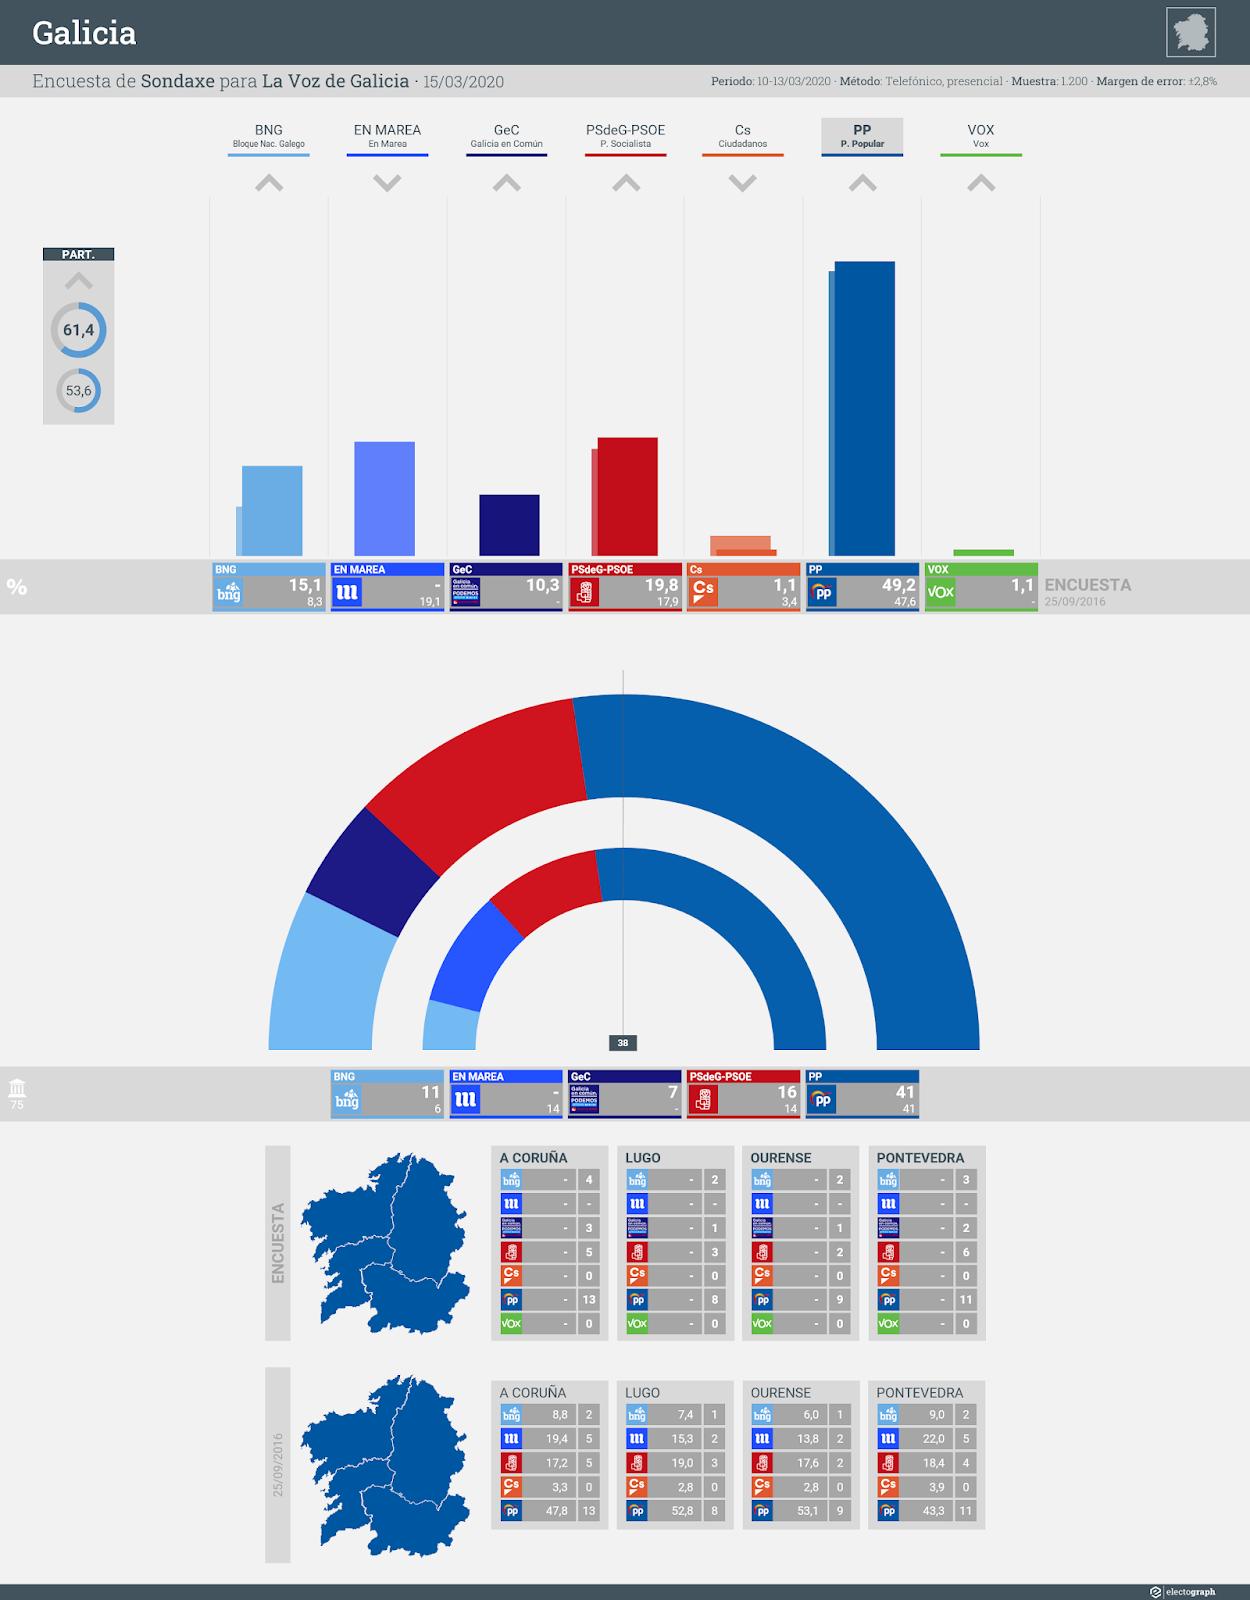 Gráfico de la encuesta para elecciones autonómicas en Galicia realizada por Sondaxe para La Voz de Galicia, 15 de marzo de 2020